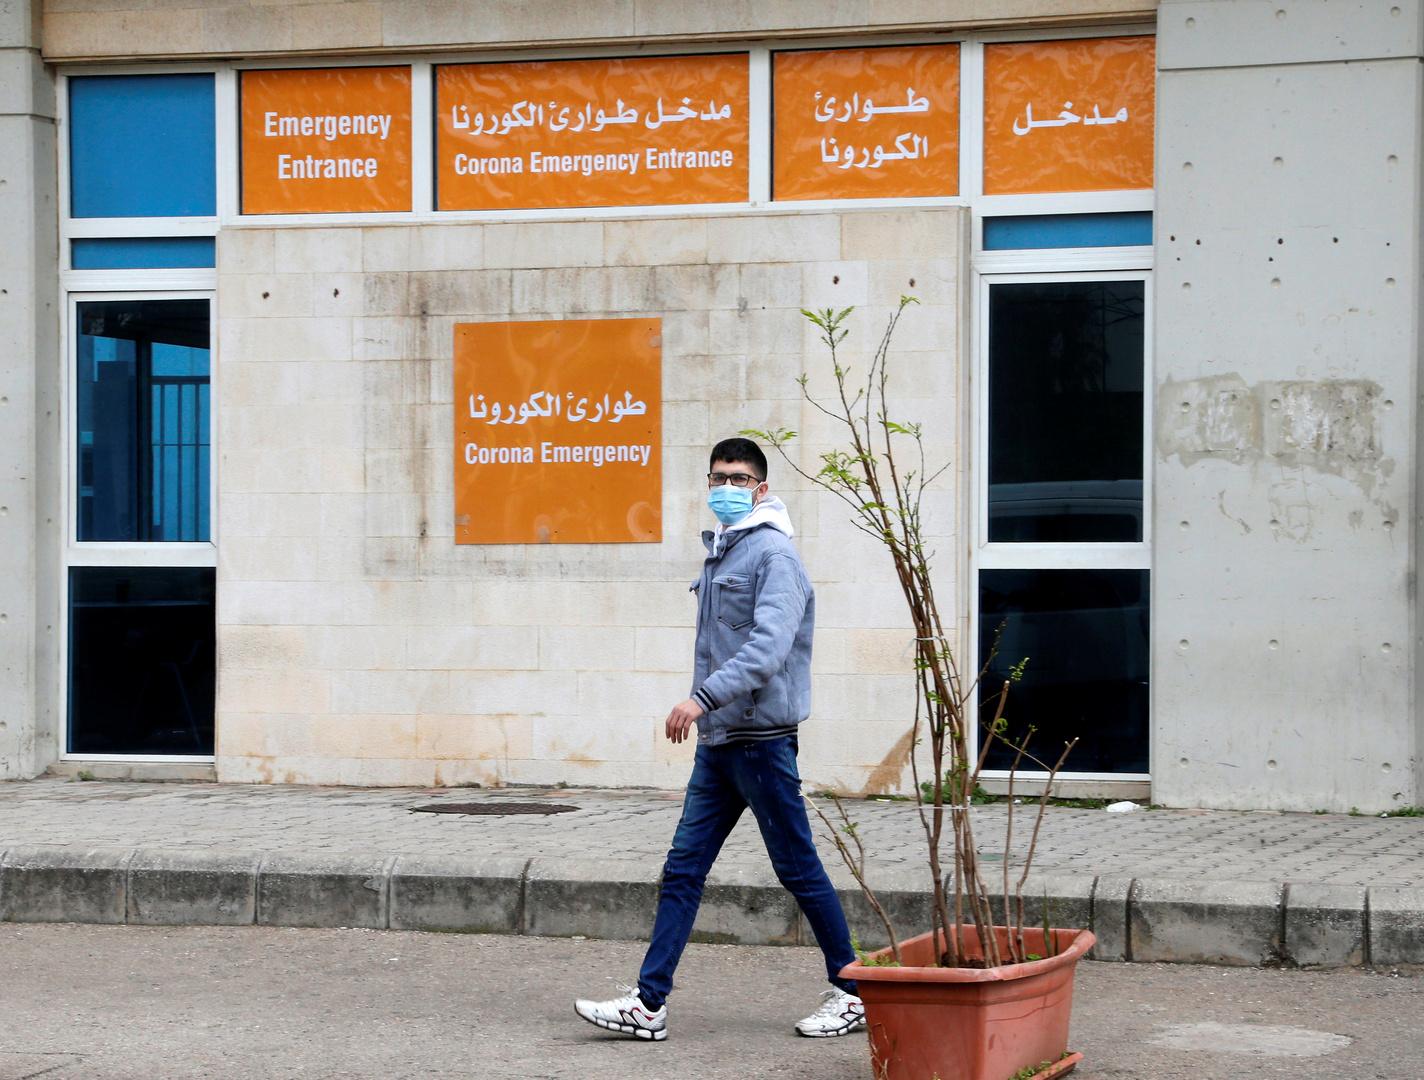 الصحة اللبنانية: 634 إصابة و7 وفيات جديدة بكورونا